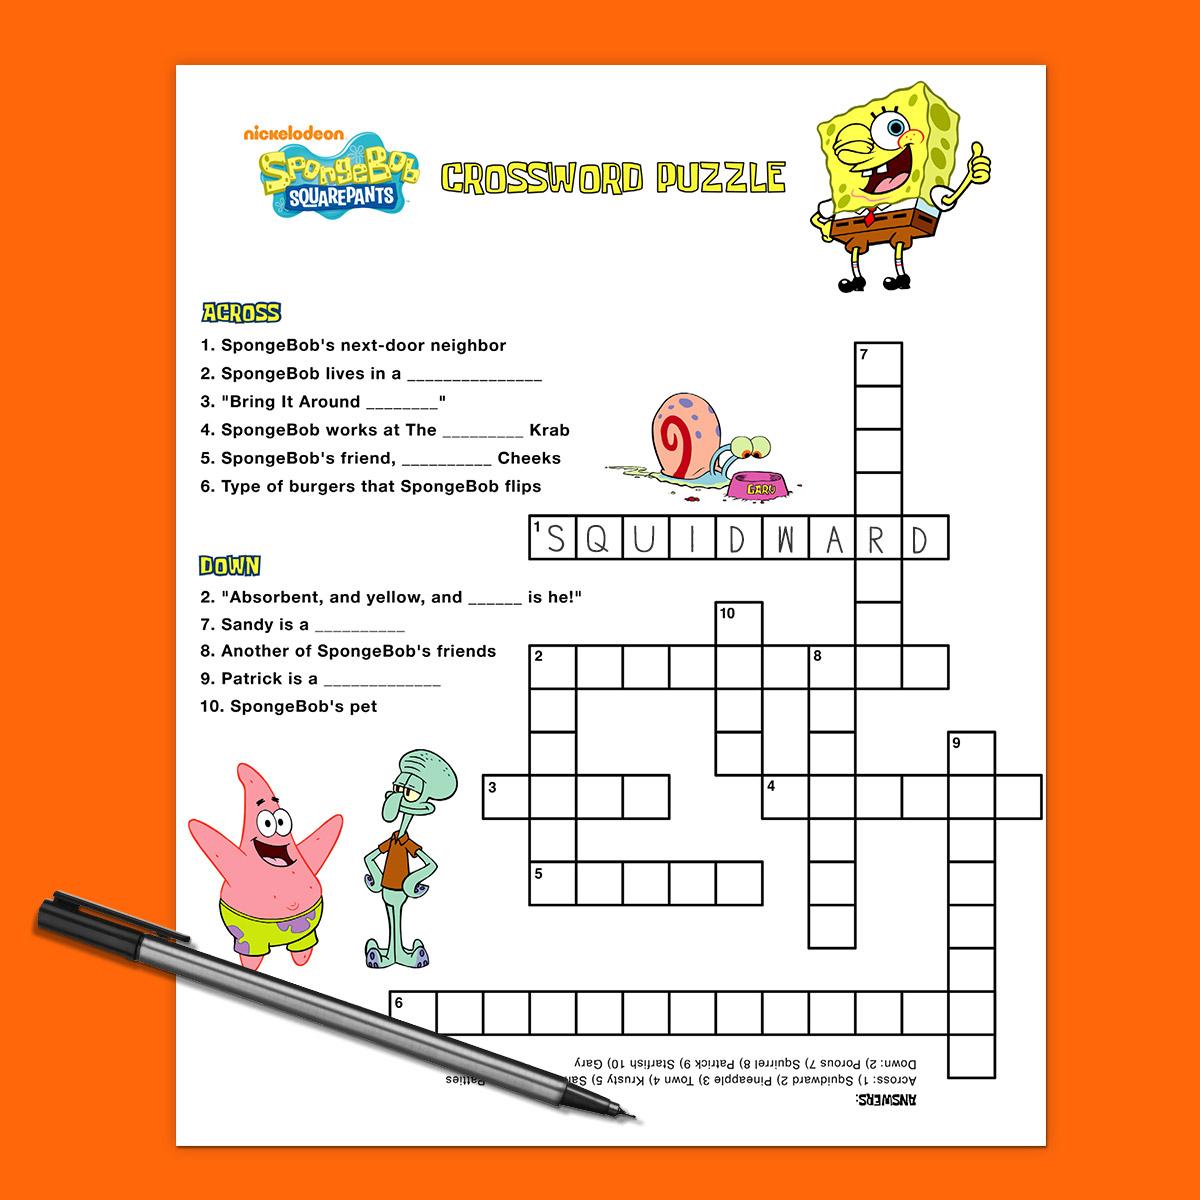 Spongebob Crossword Puzzle | Nickelodeon Parents - Printable Cartoon Crossword Puzzles